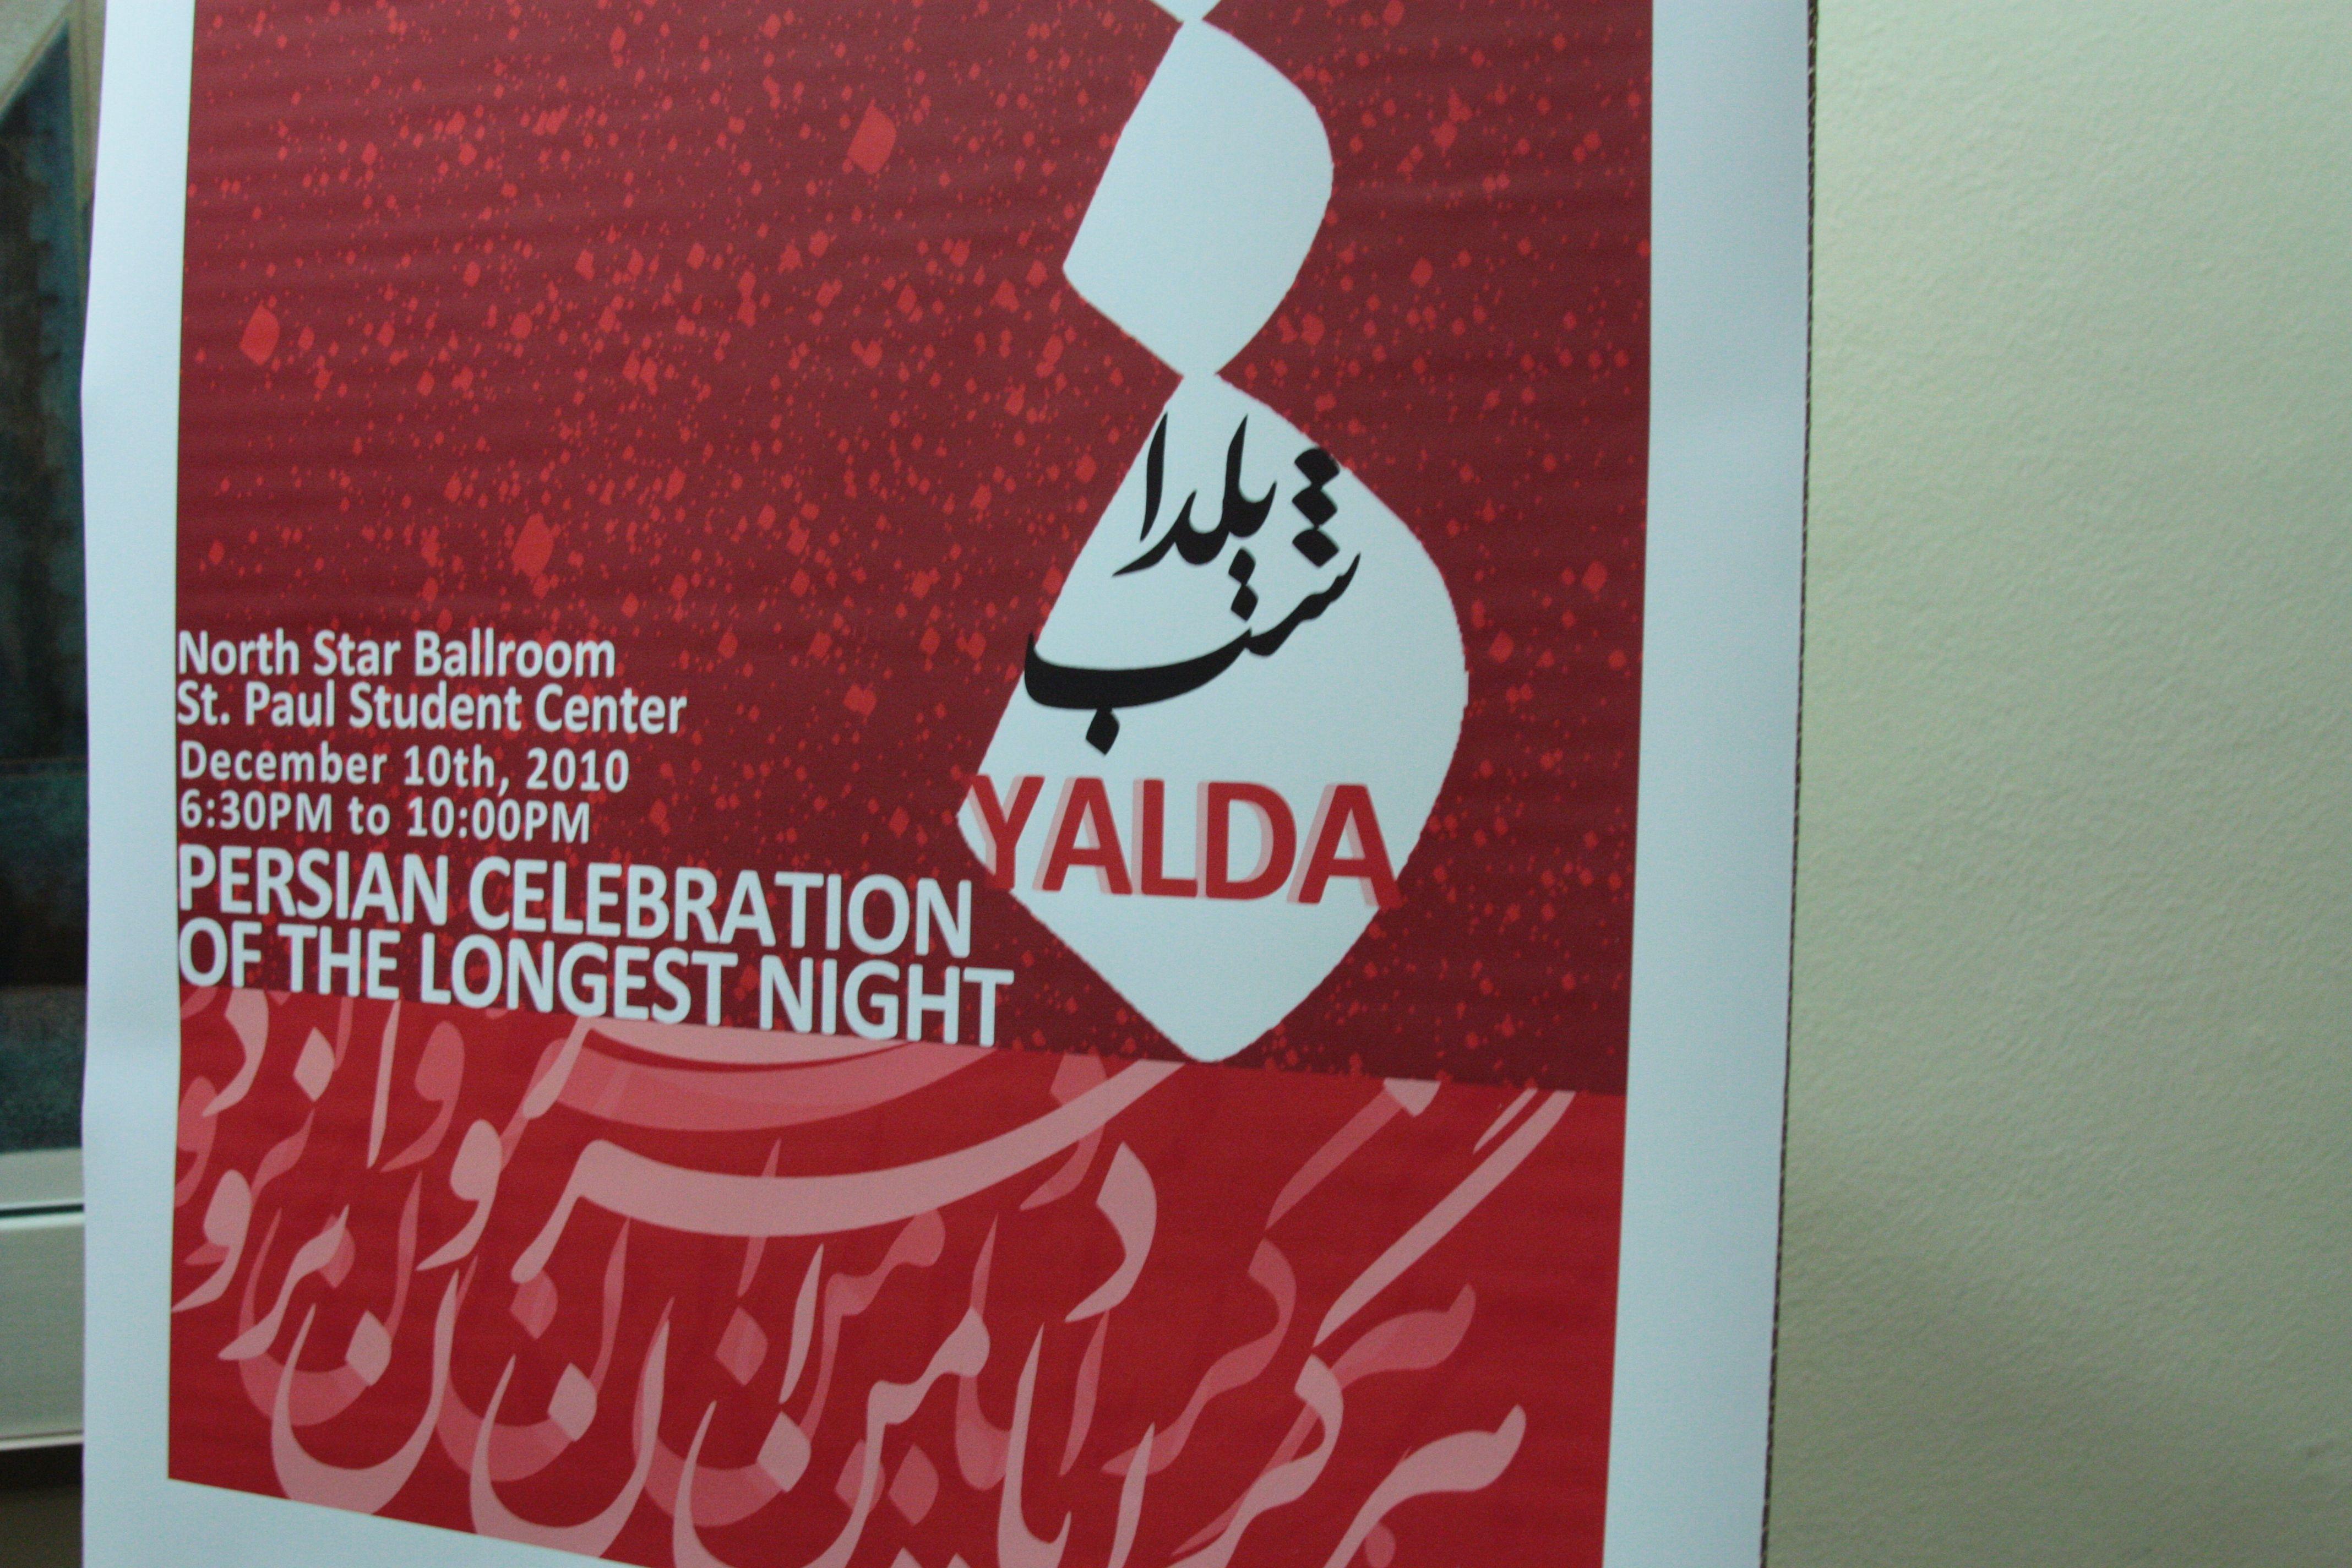 Sheba Yalda Winter Solstice Celebration